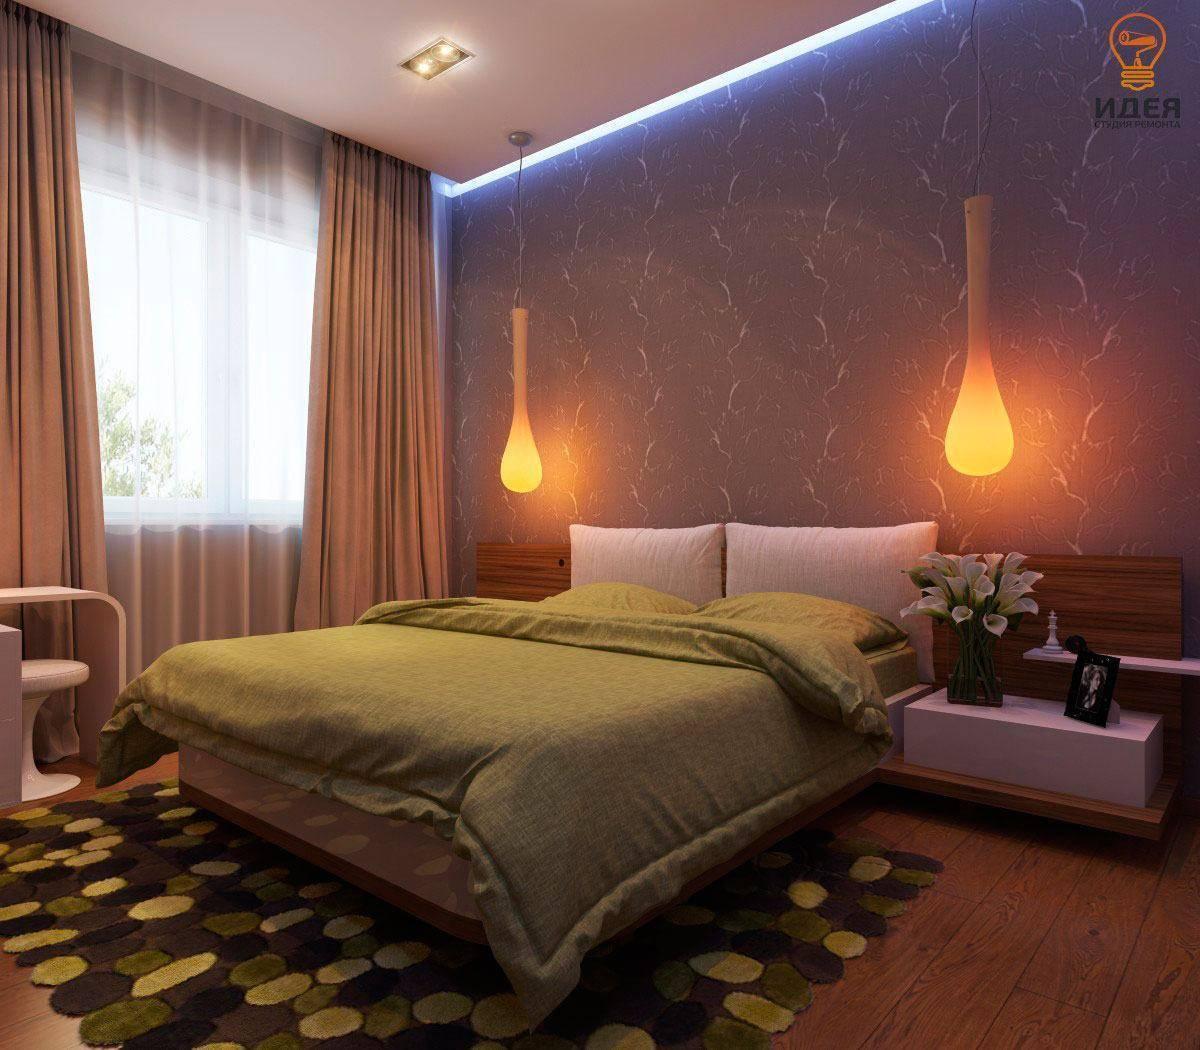 7 непривычных и практичных мест для светодиодной ленты в квартире.